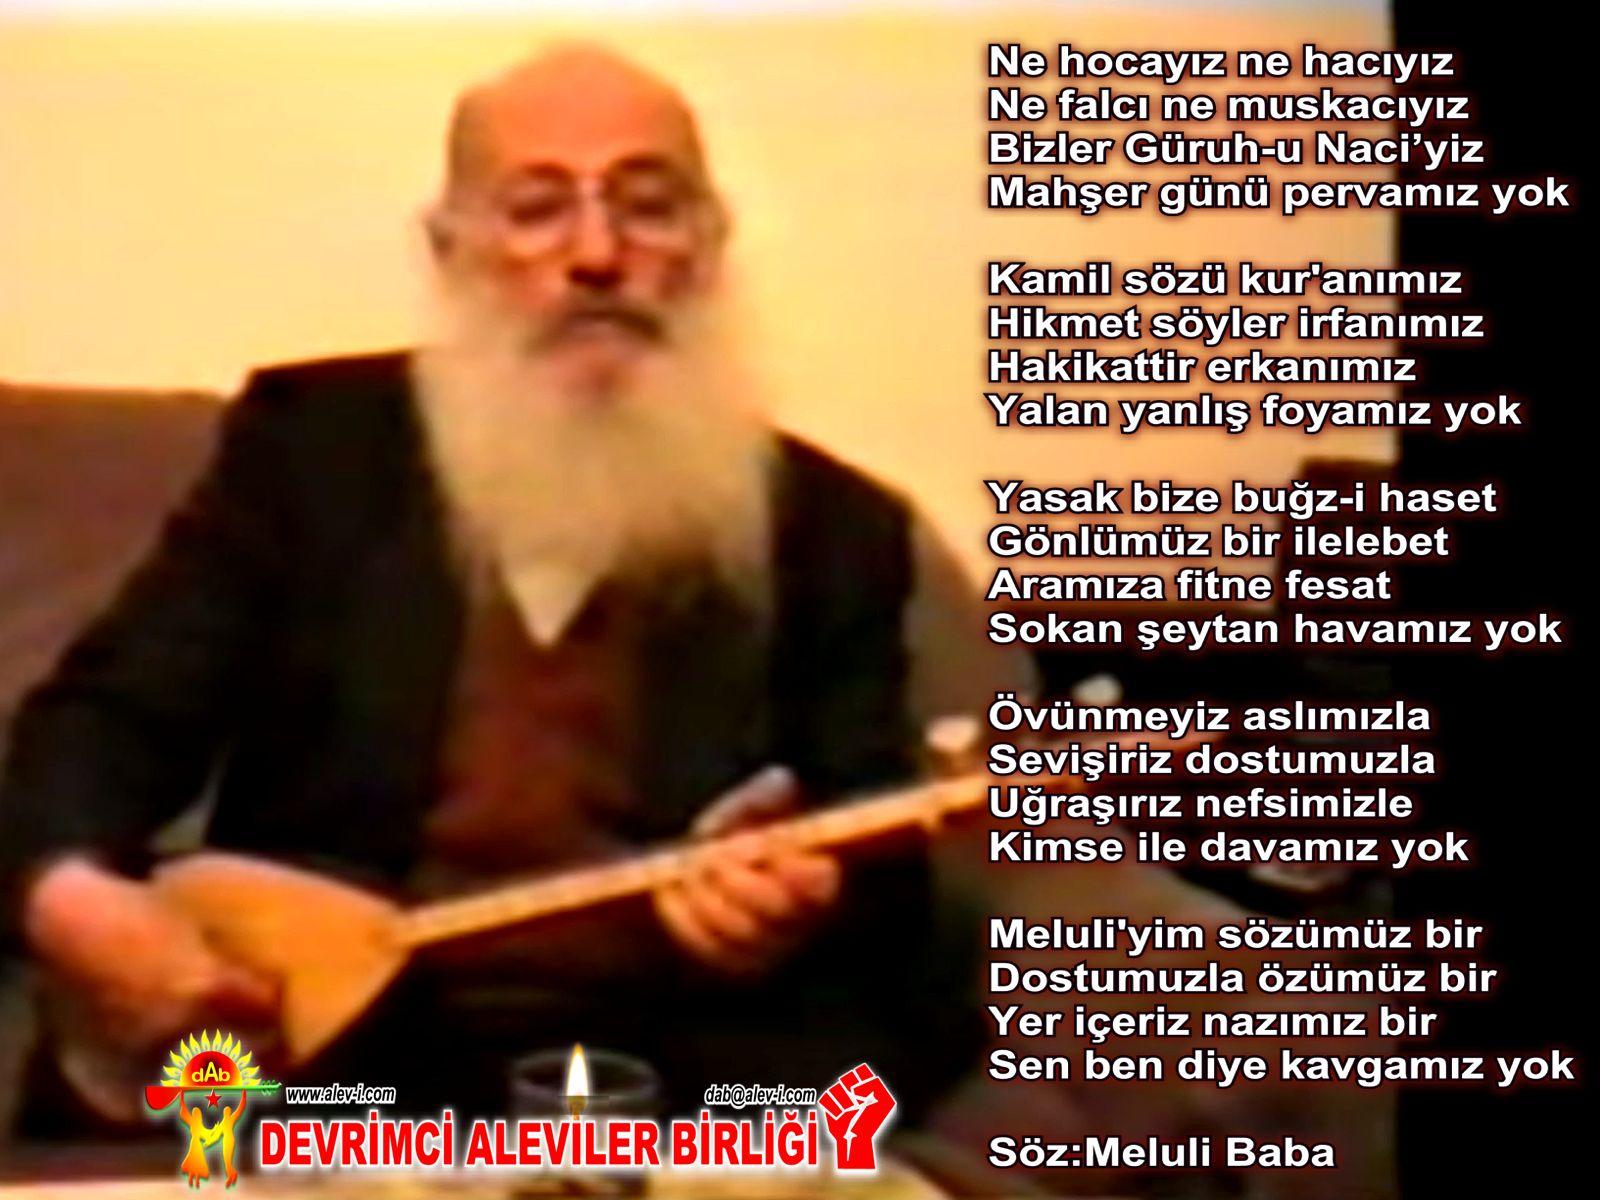 Alevi Bektaşi Kızılbaş Pir Sultan Devrimci Aleviler Birliği DAB yok meluli baba